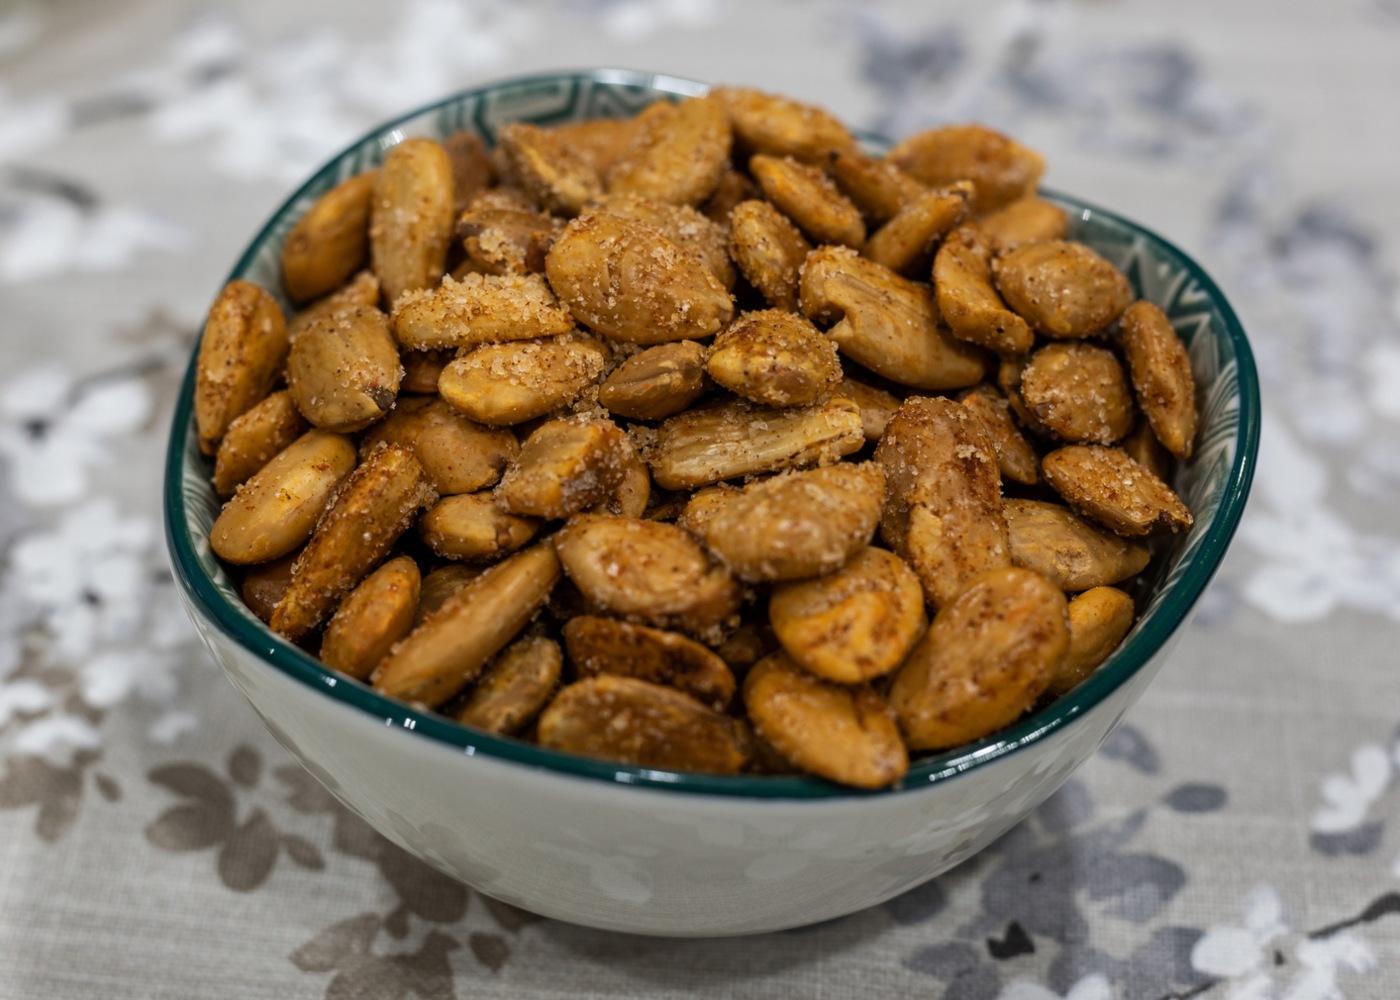 amendoins-crocantes